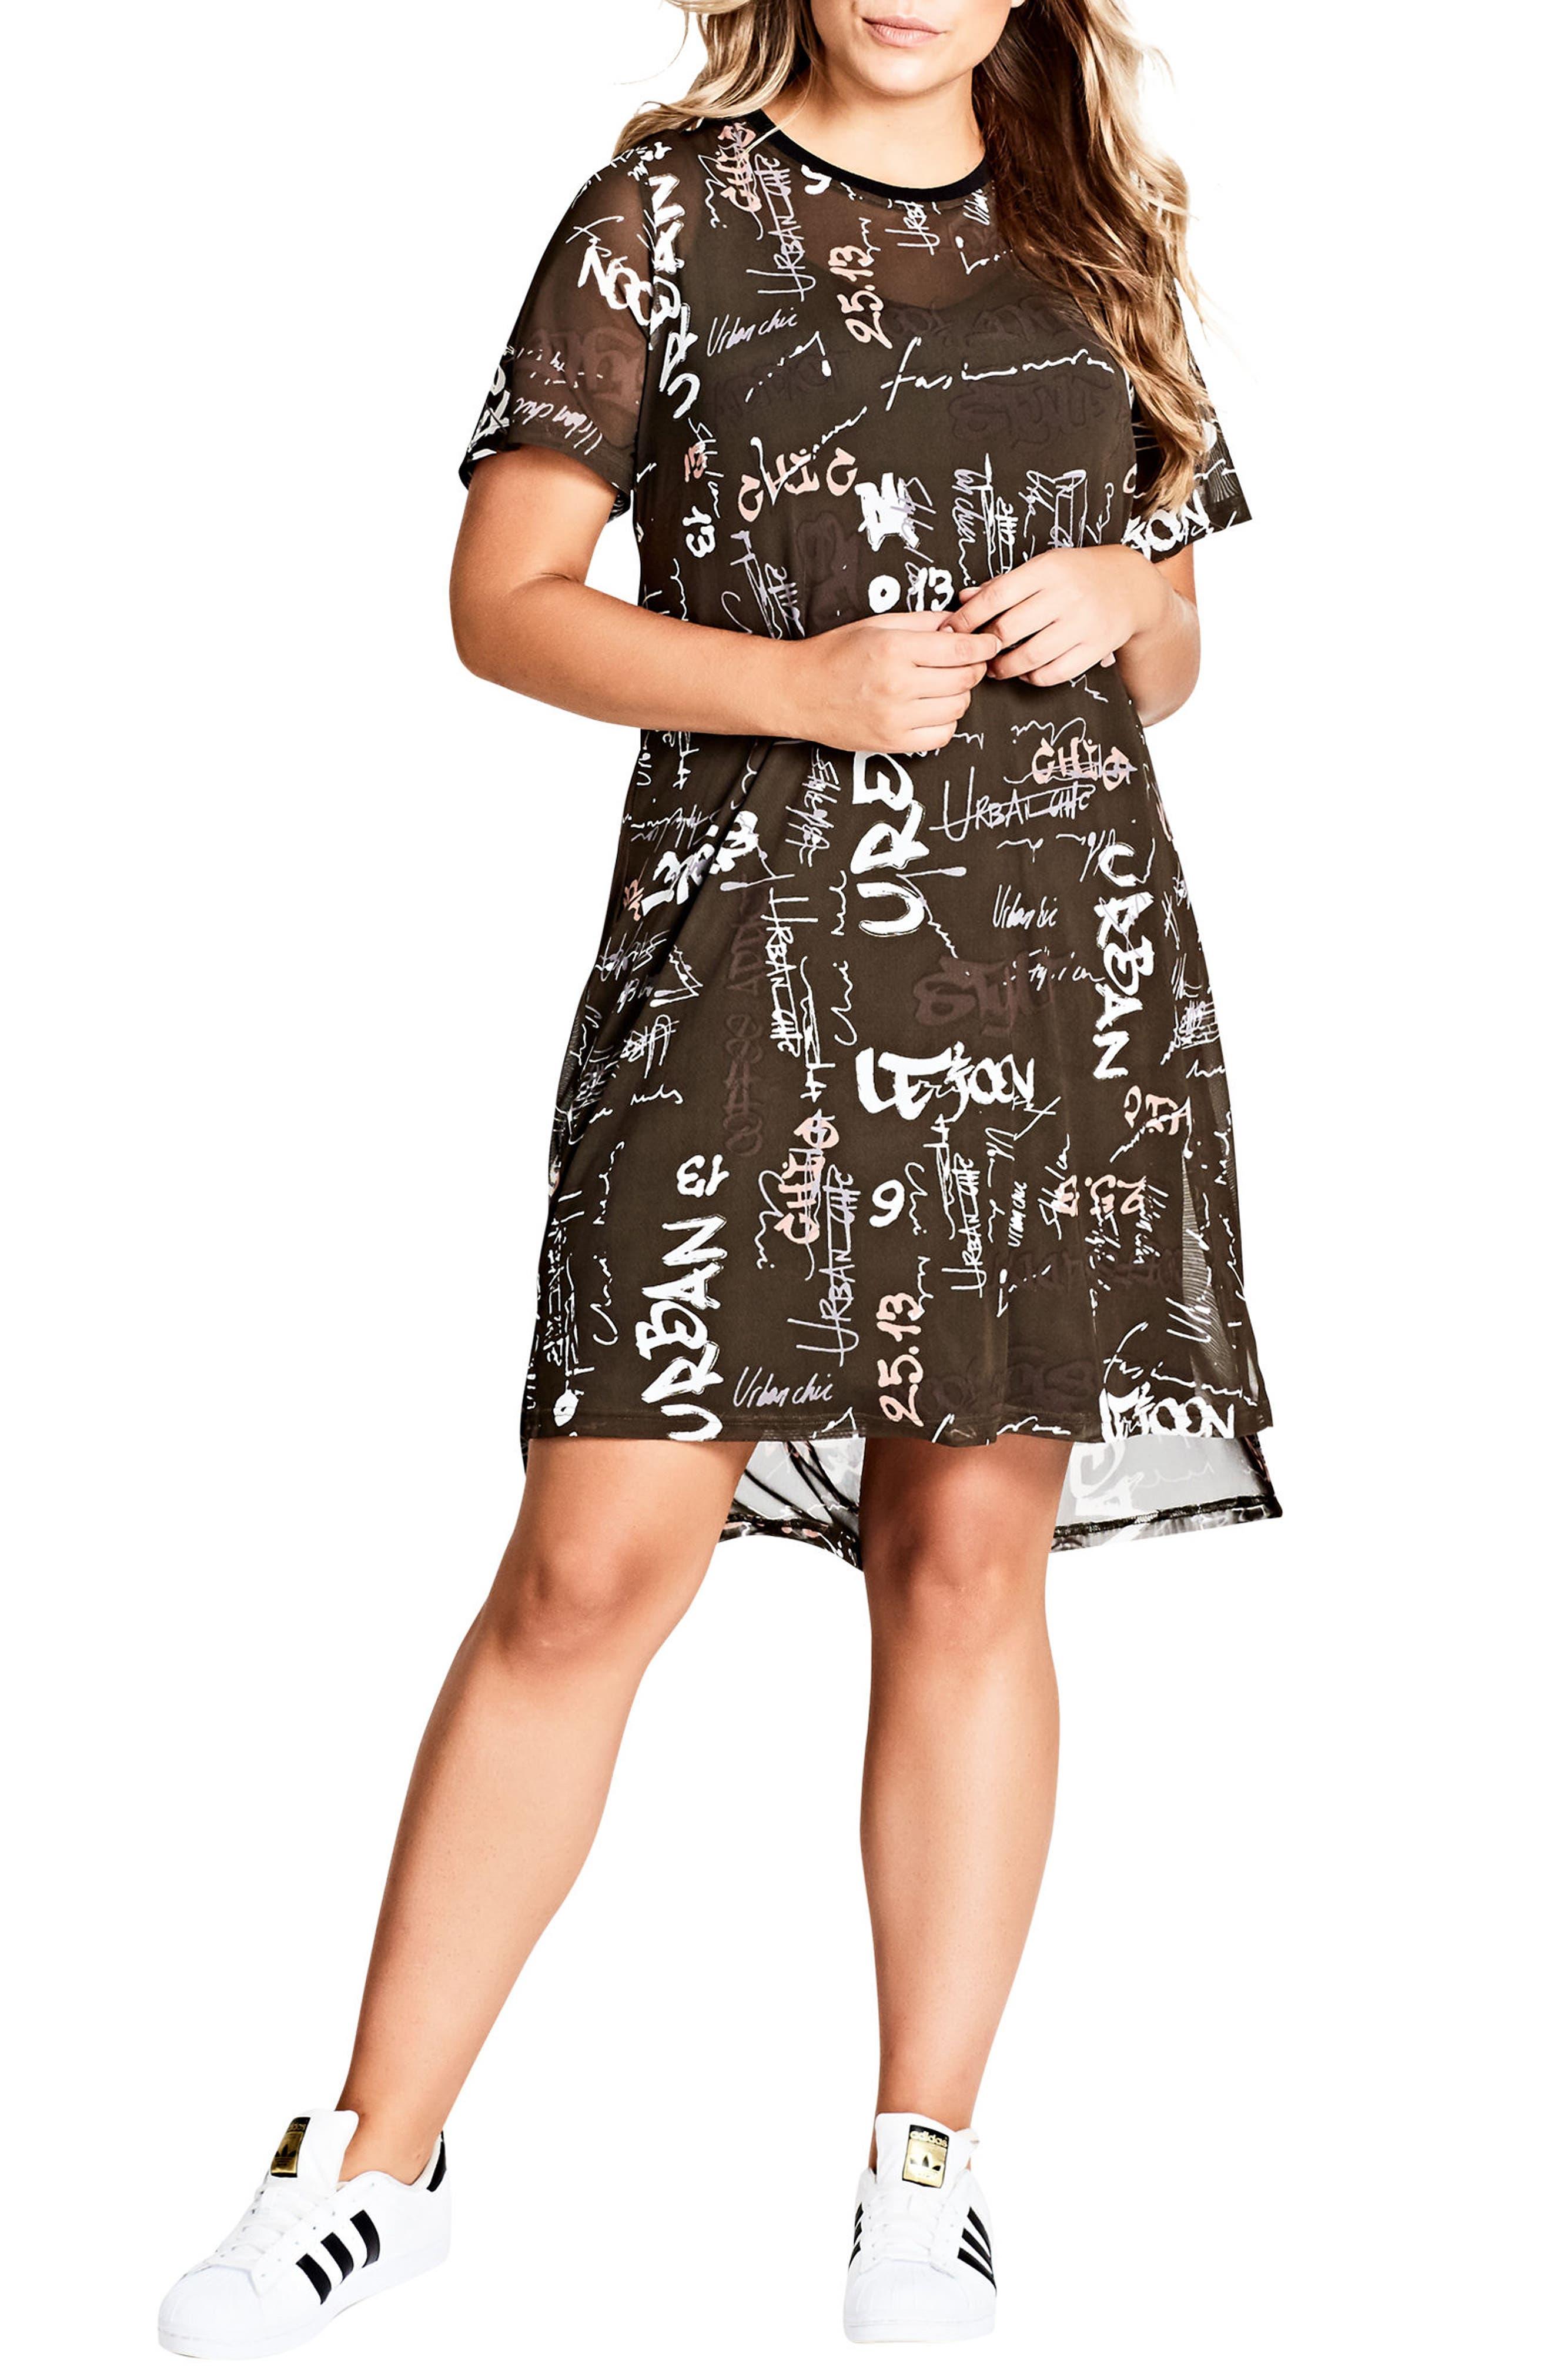 Main Image - City Chic Graffiti Print Shift Dress (Plus Size)